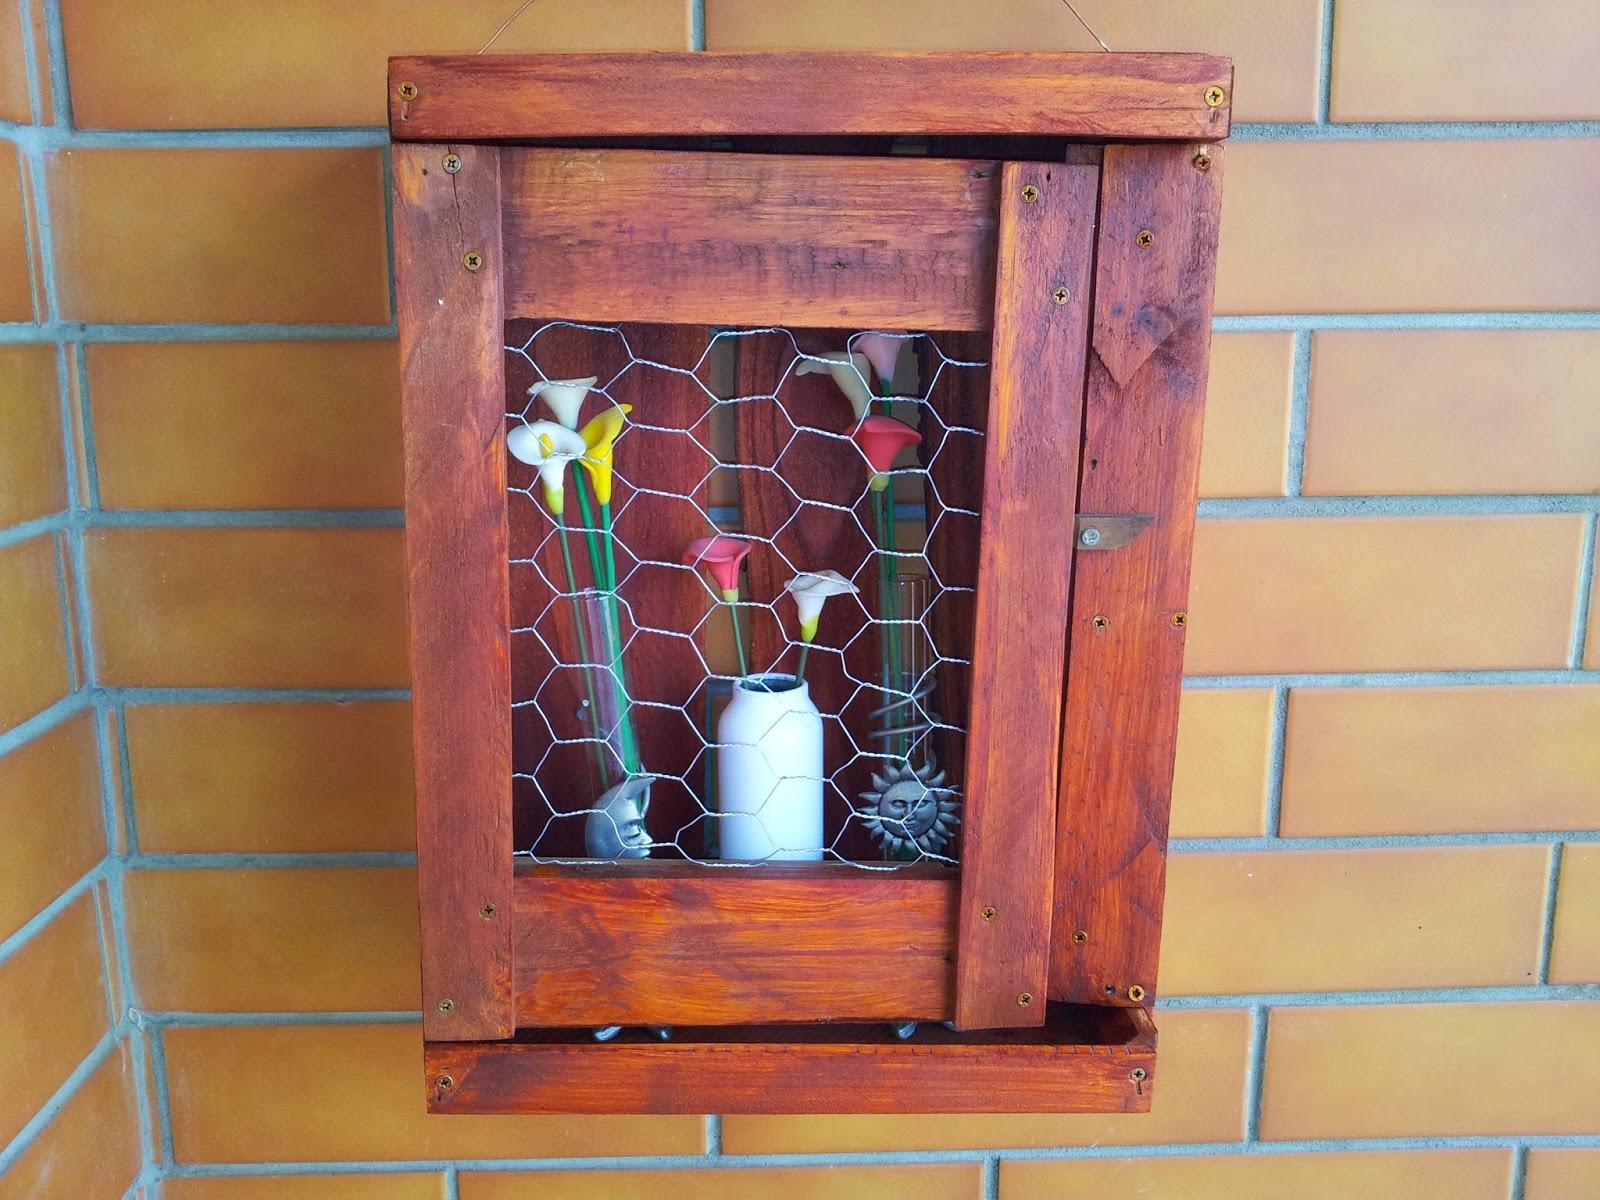 cristaleira foi construída usando uma caixa de garrafas de vinho #9C412F 1600x1200